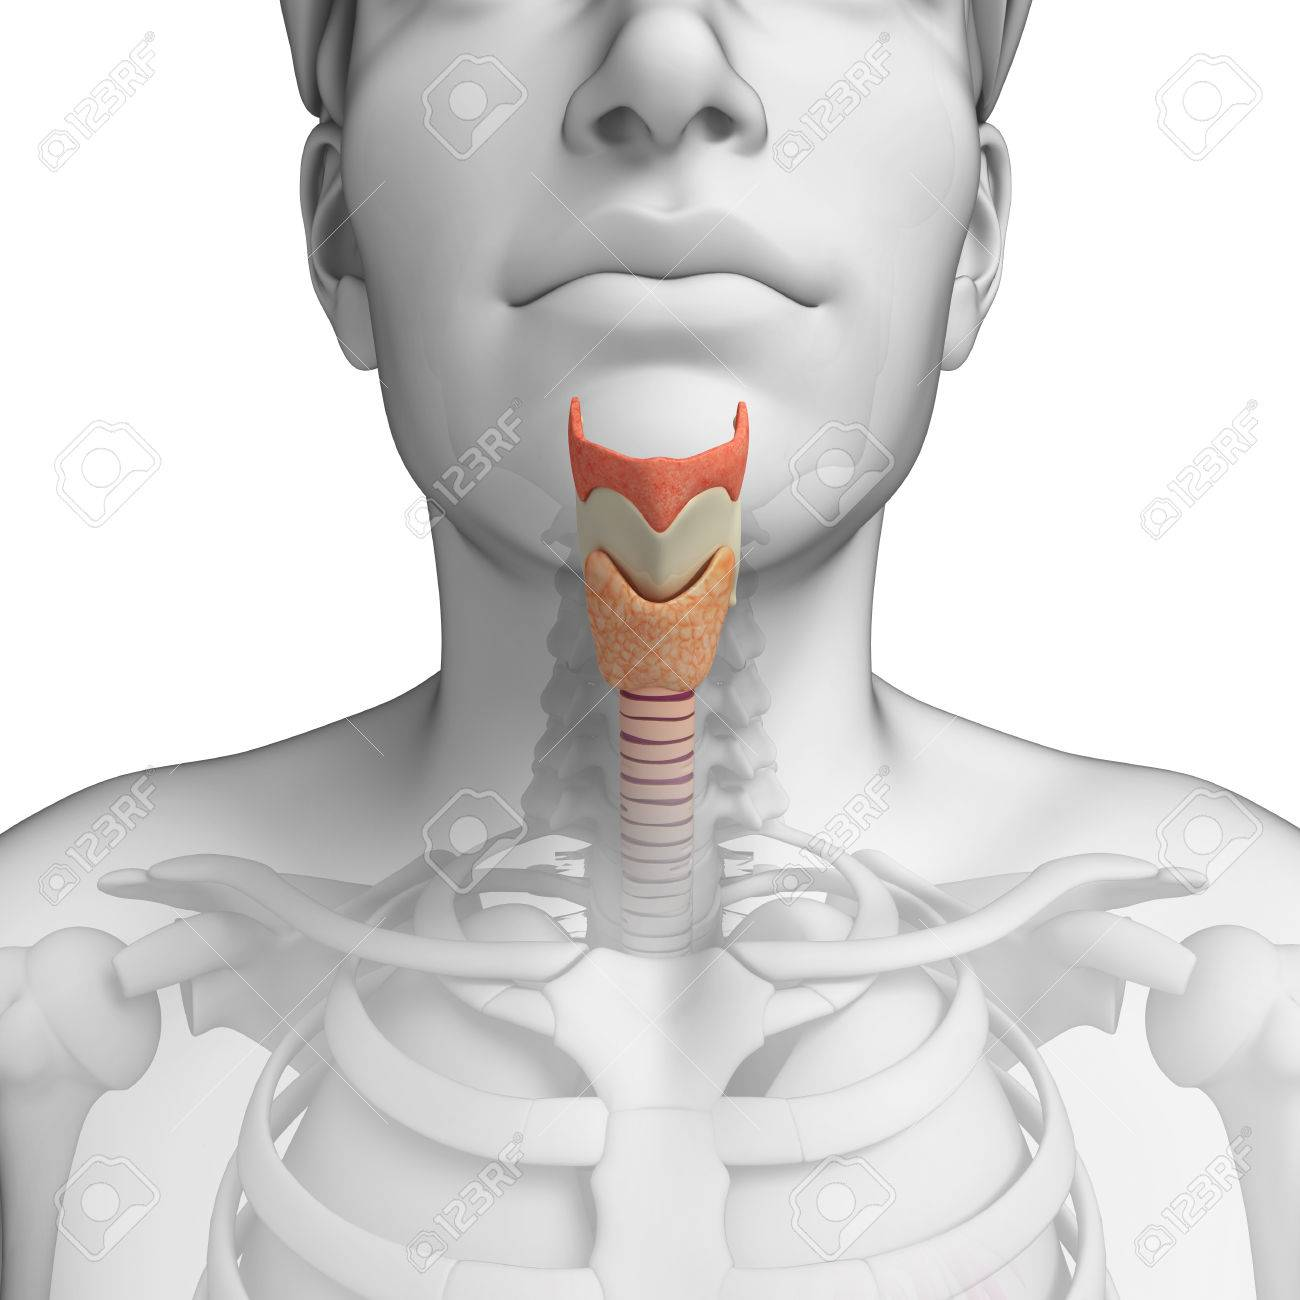 Anatomie Gorge illustration de mâle gorge anatomie banque d'images et photos libres